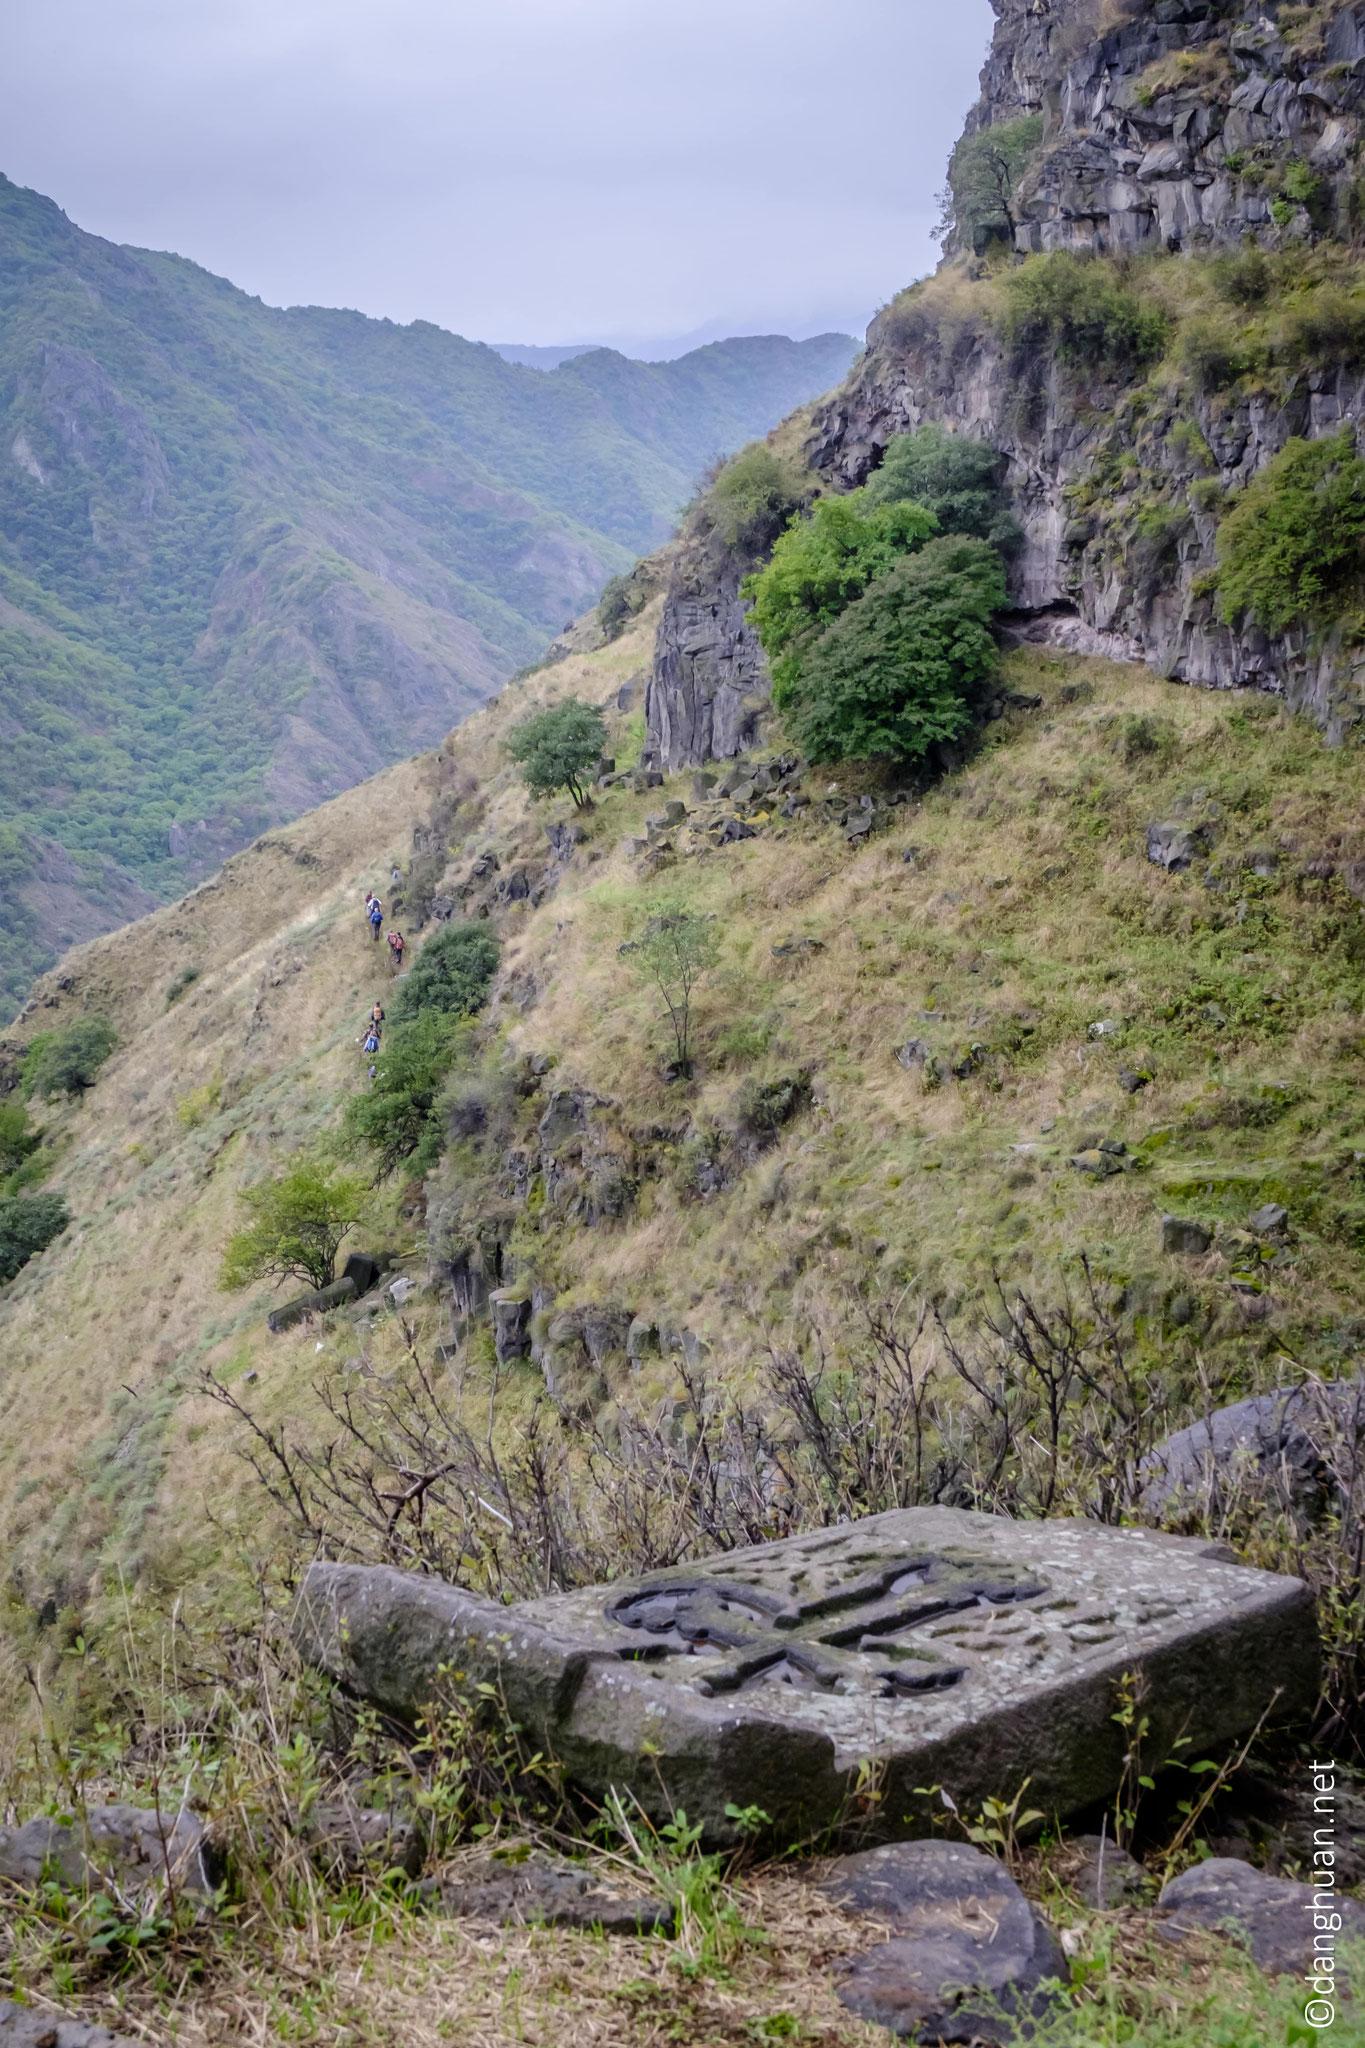 vue de la suite de la randonnée depuis le monastère d'Horomayr